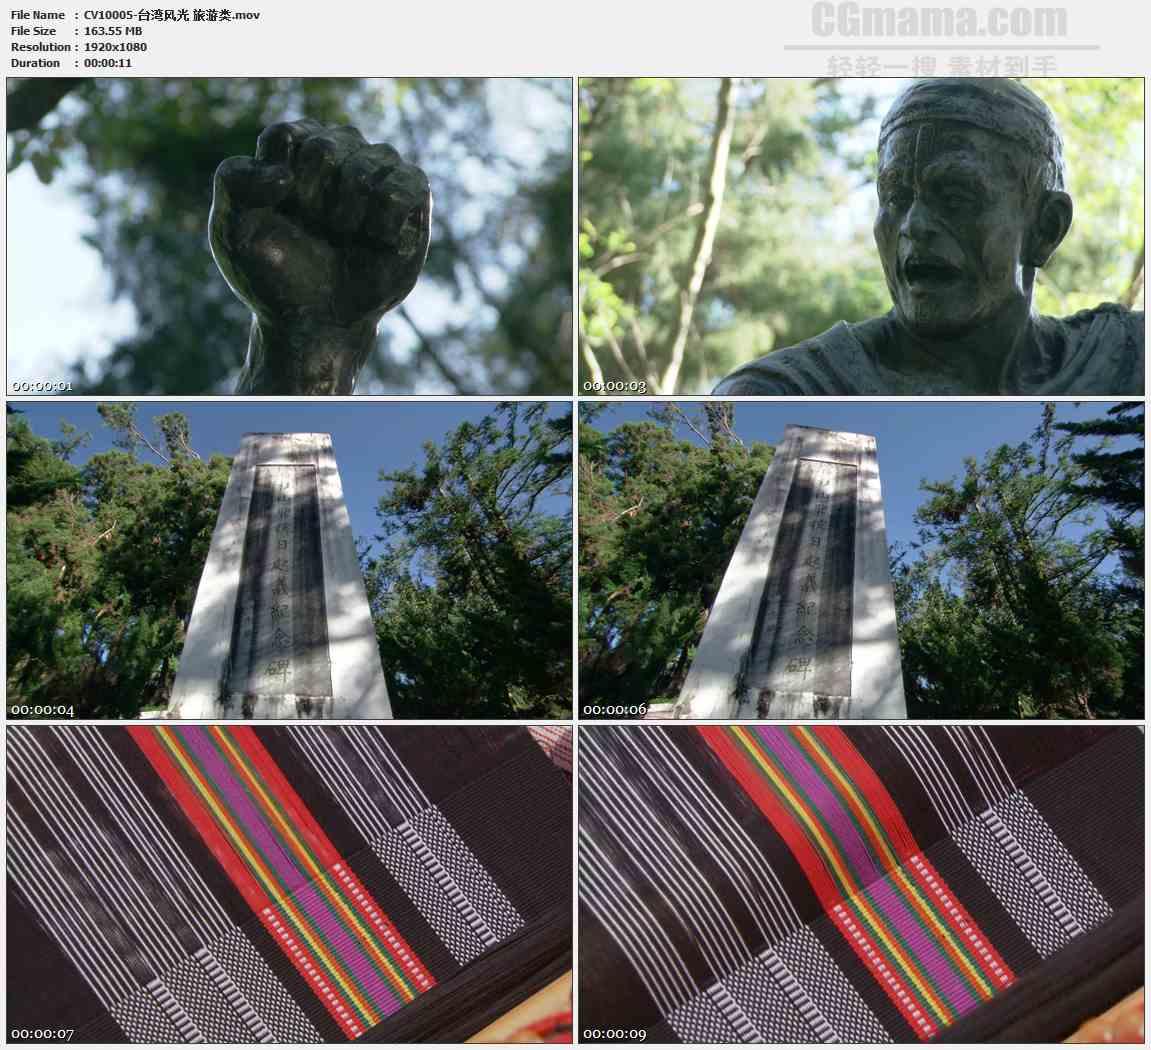 CV10005-台湾风光烈士墓雕塑传统织布高清实拍视频素材